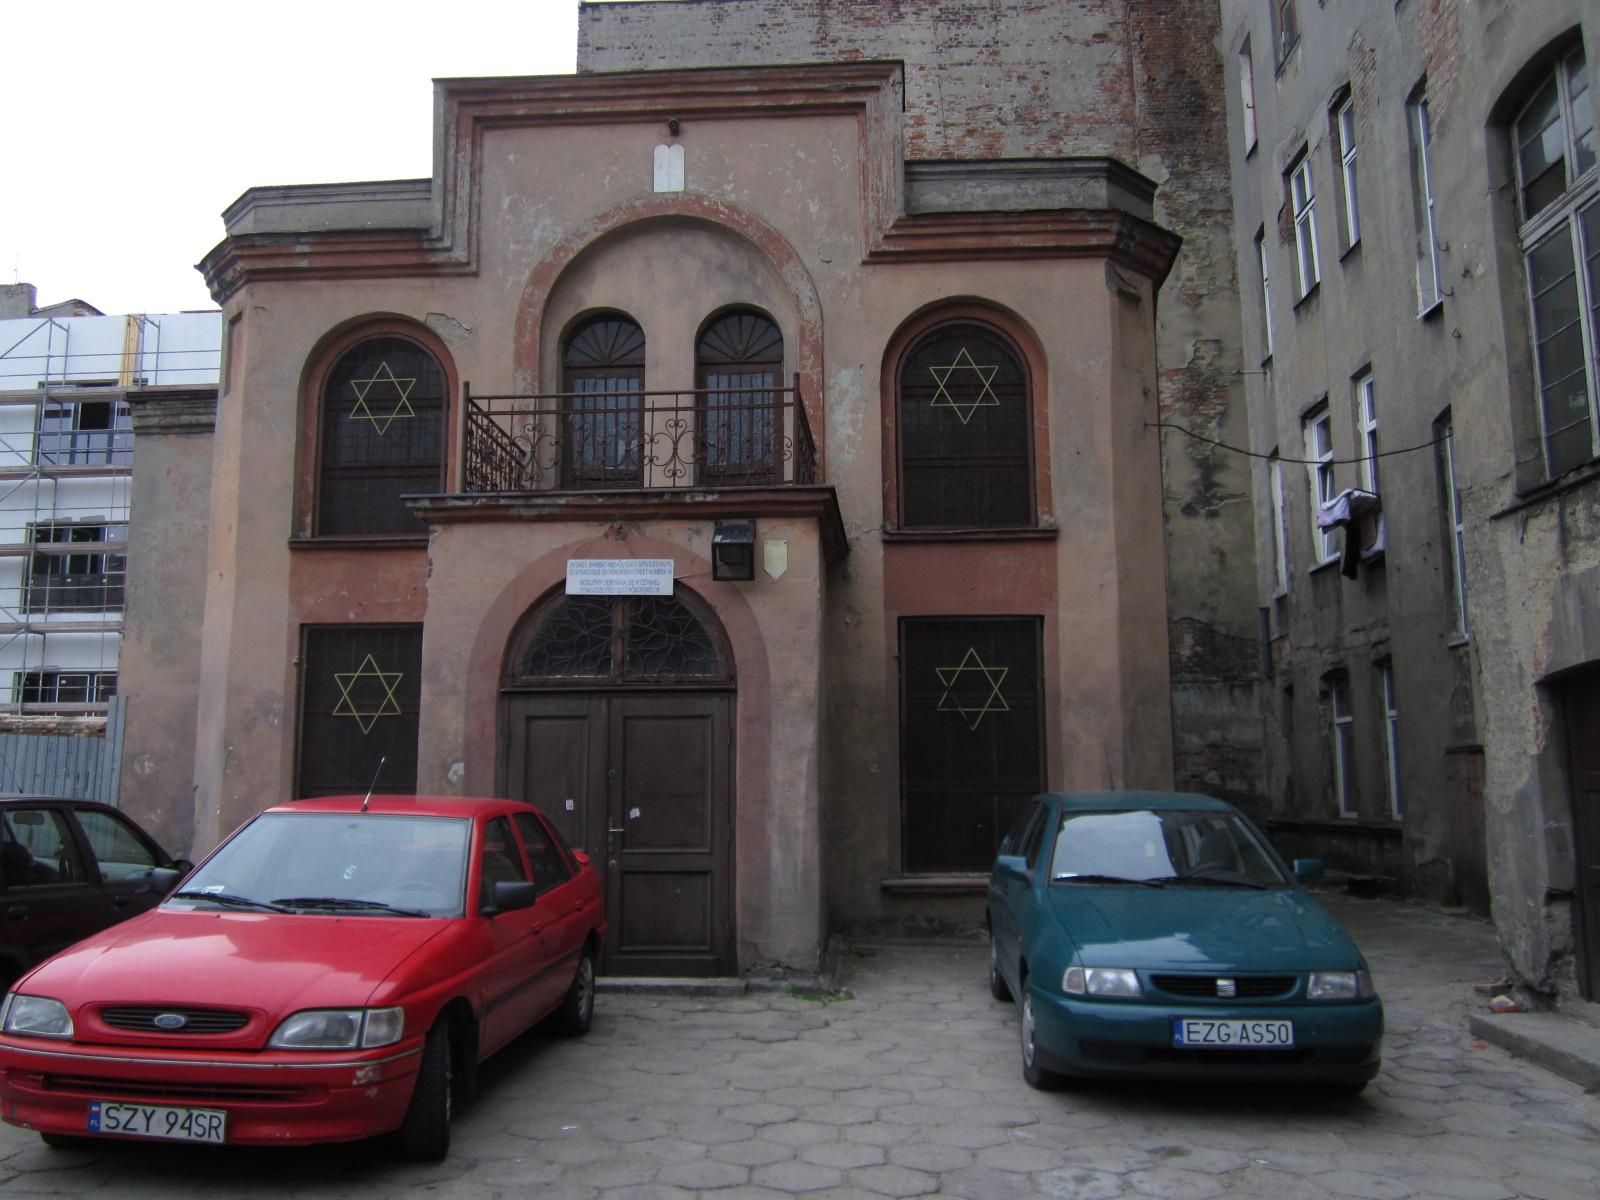 http://3.bp.blogspot.com/-wx4sZhrXNE0/TePj05H66FI/AAAAAAAAAPE/hUp7GfUNNC8/s1600/synagogue%2Bon%2B1905%2BRevolution%2BSt.jpg